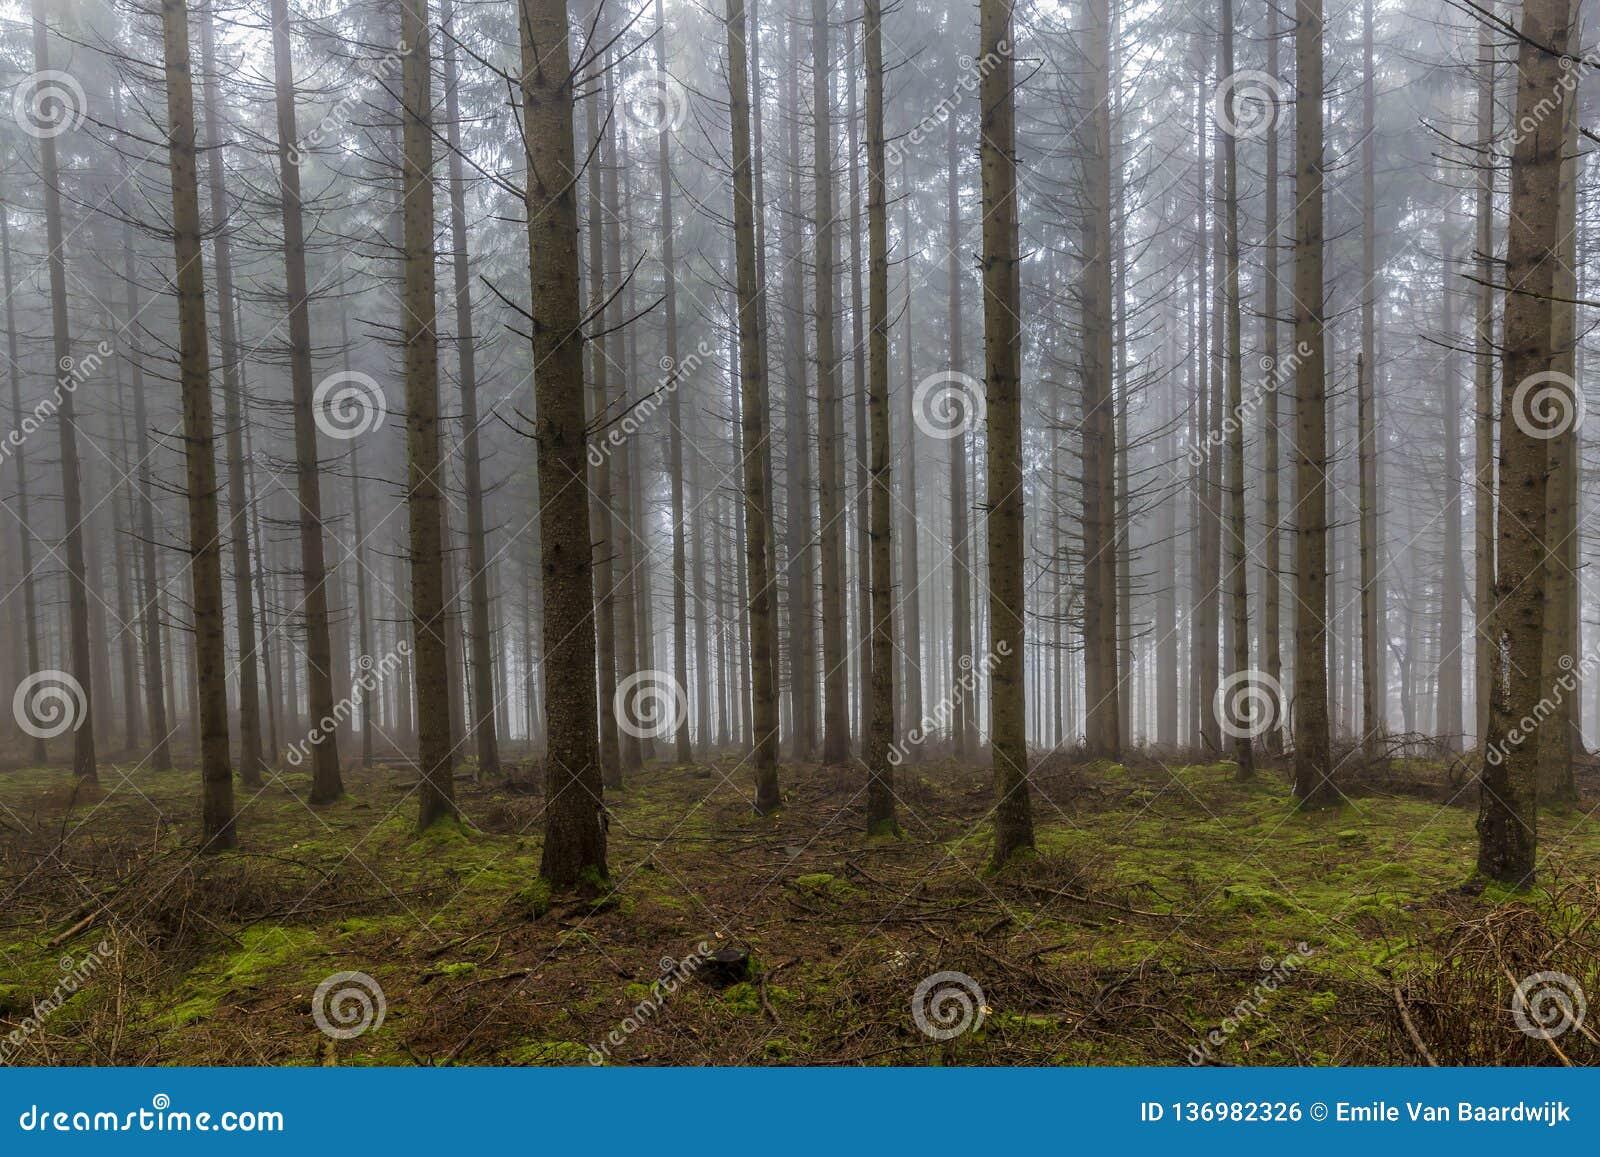 Image des pins grands dans la forêt avec de la mousse et des branches au sol avec beaucoup de brouillard